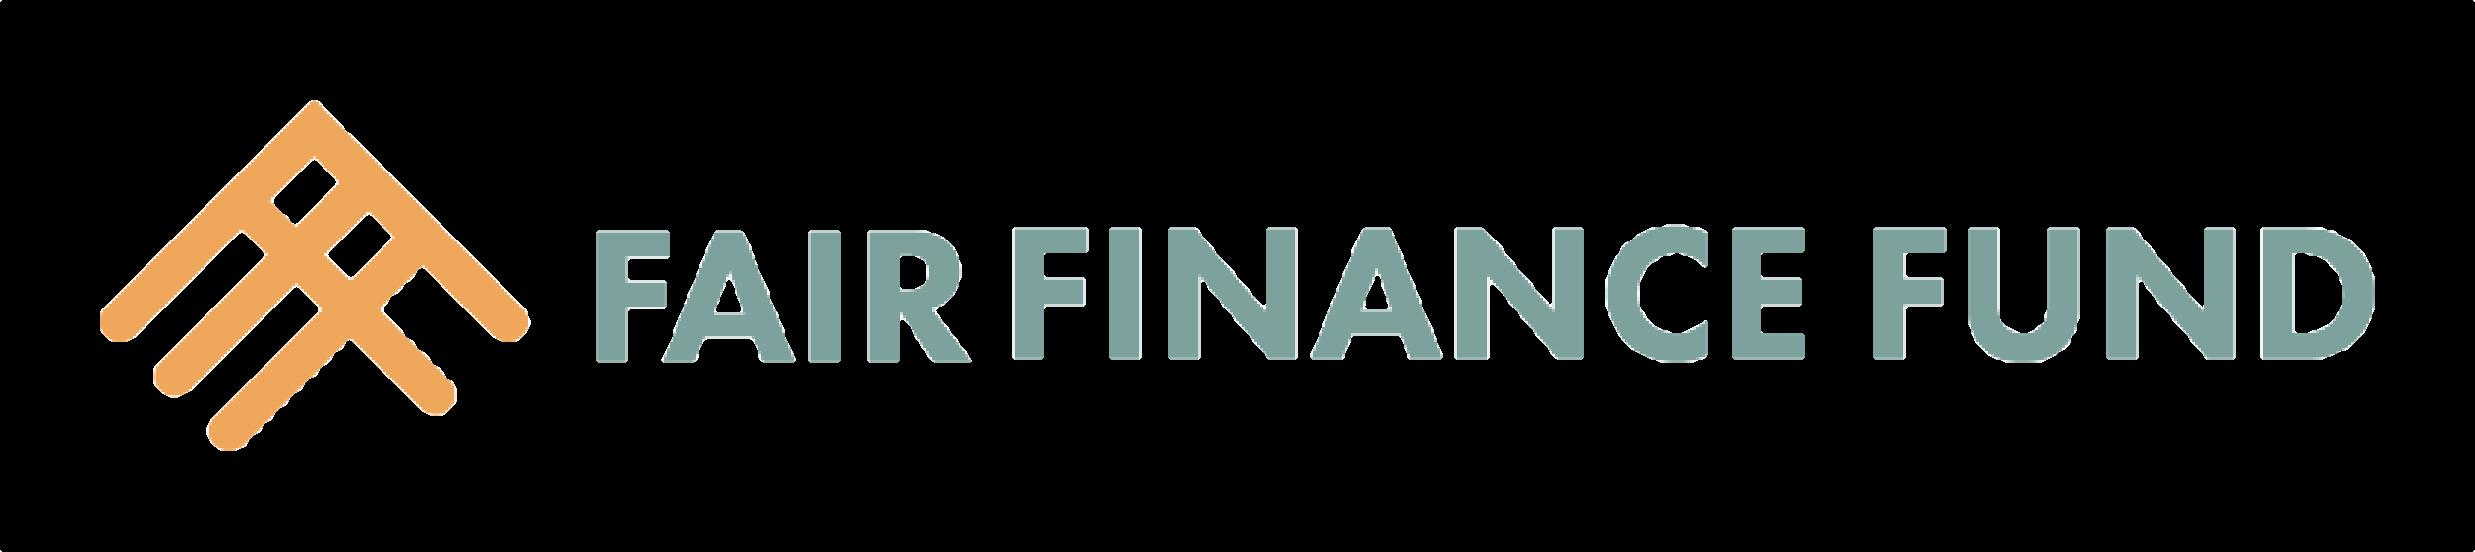 FFF logo_final 1.png